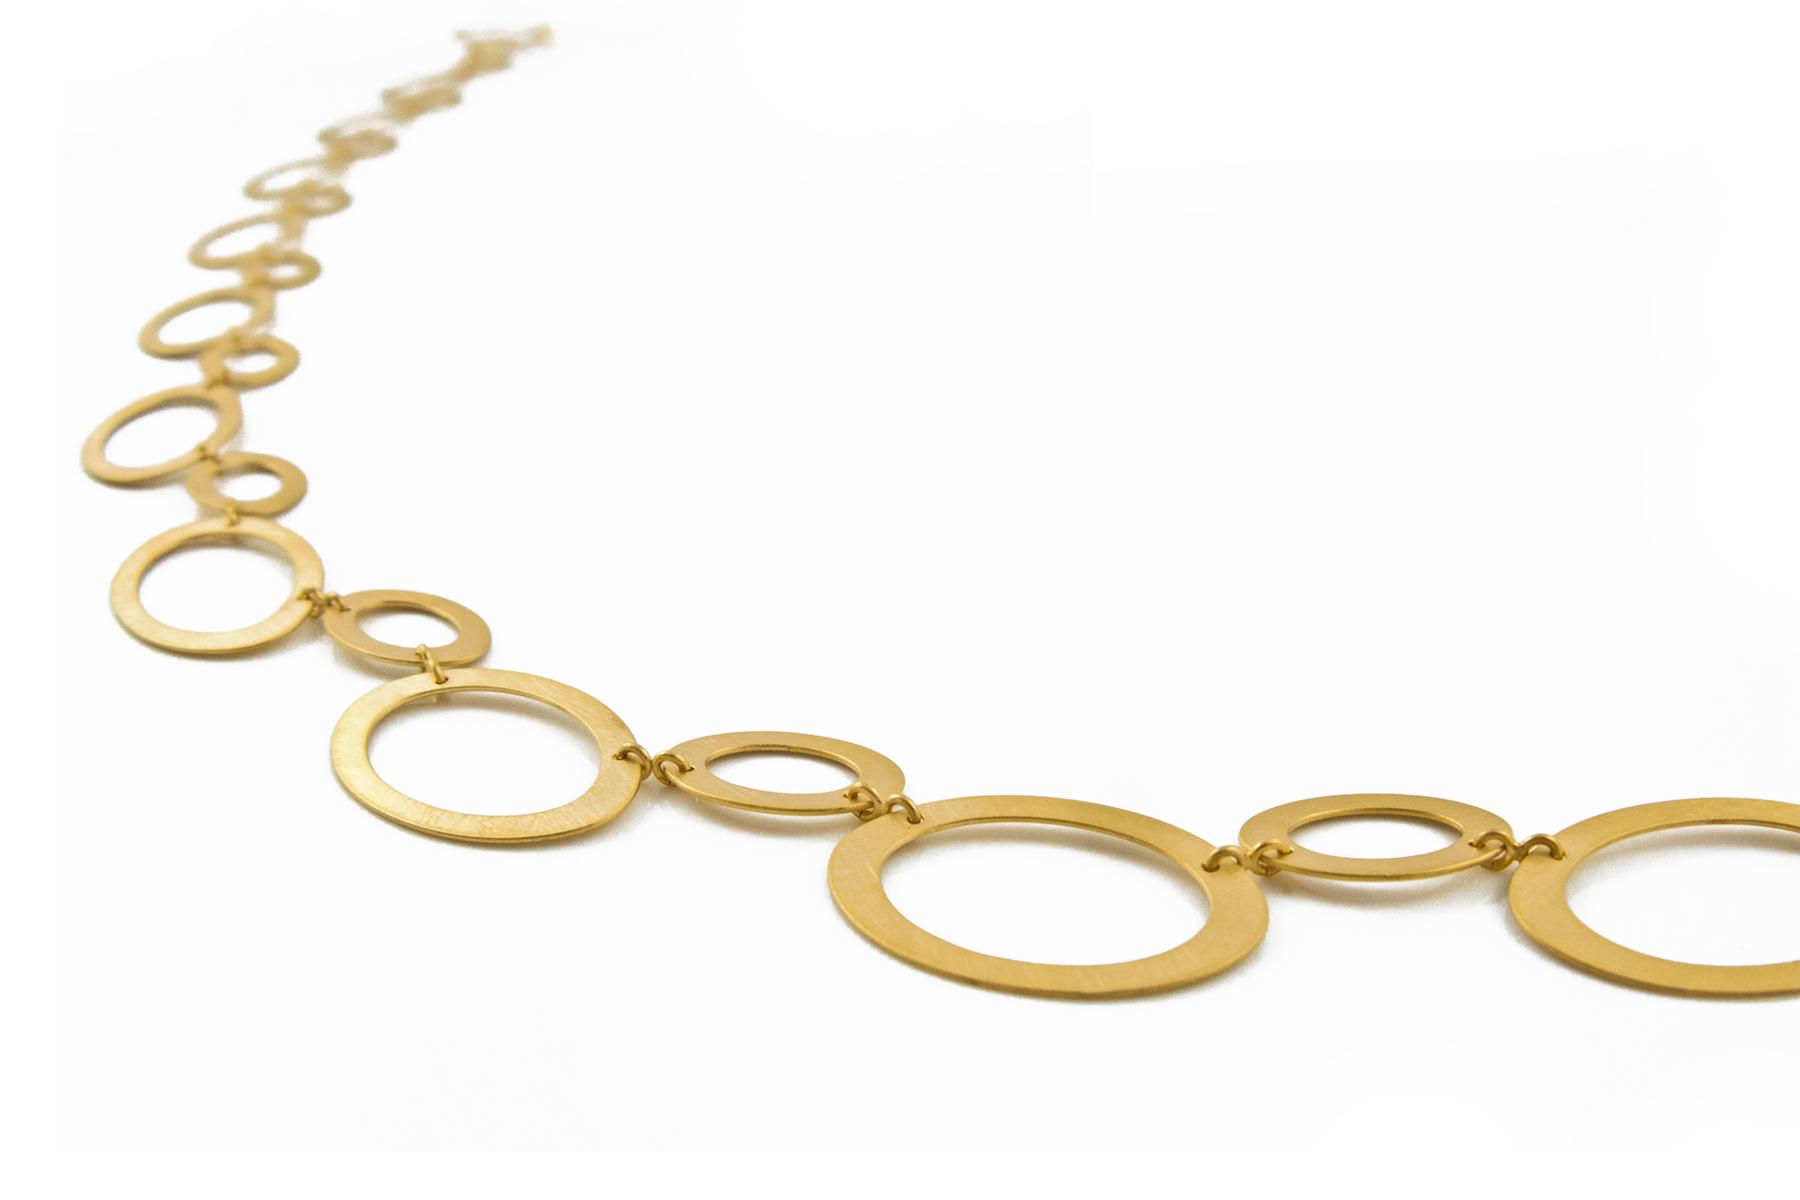 Ovale Ösenkette aus Gold